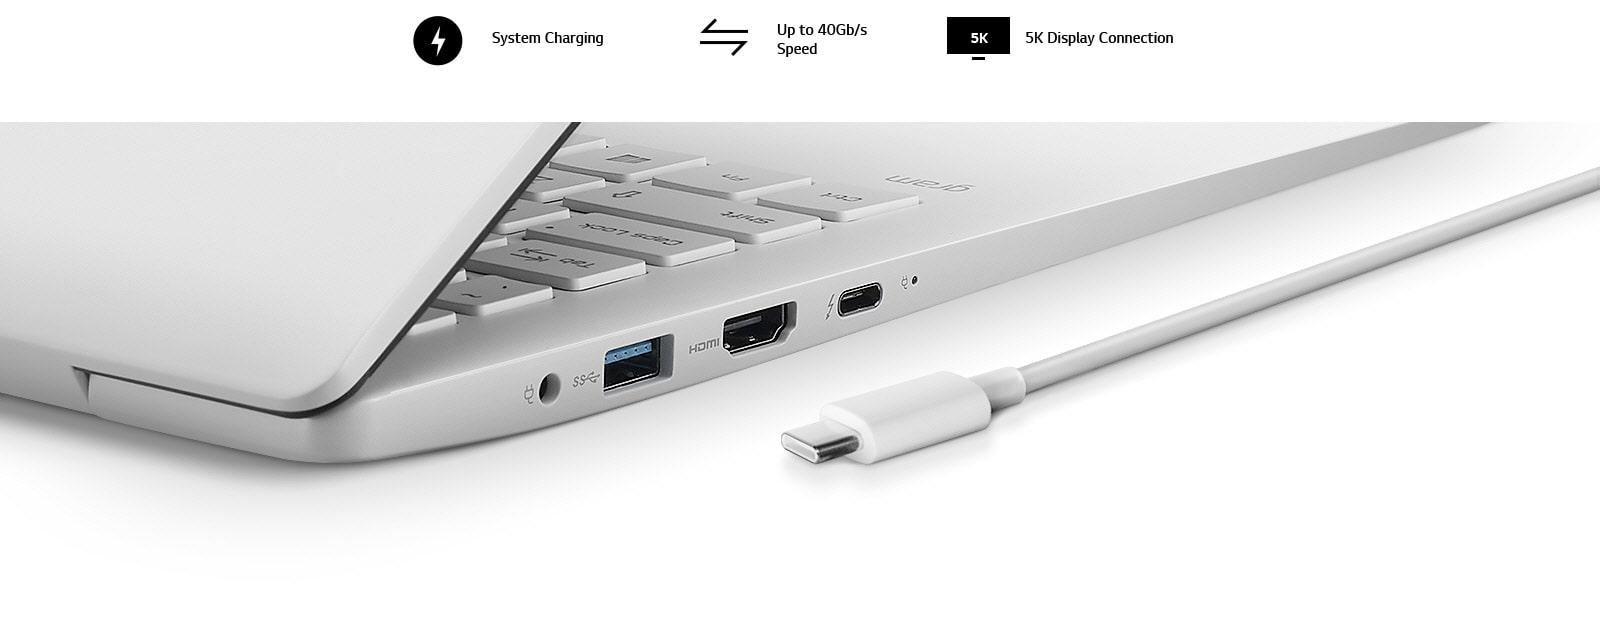 17 inch gram laptop Thunderbolt 3 port